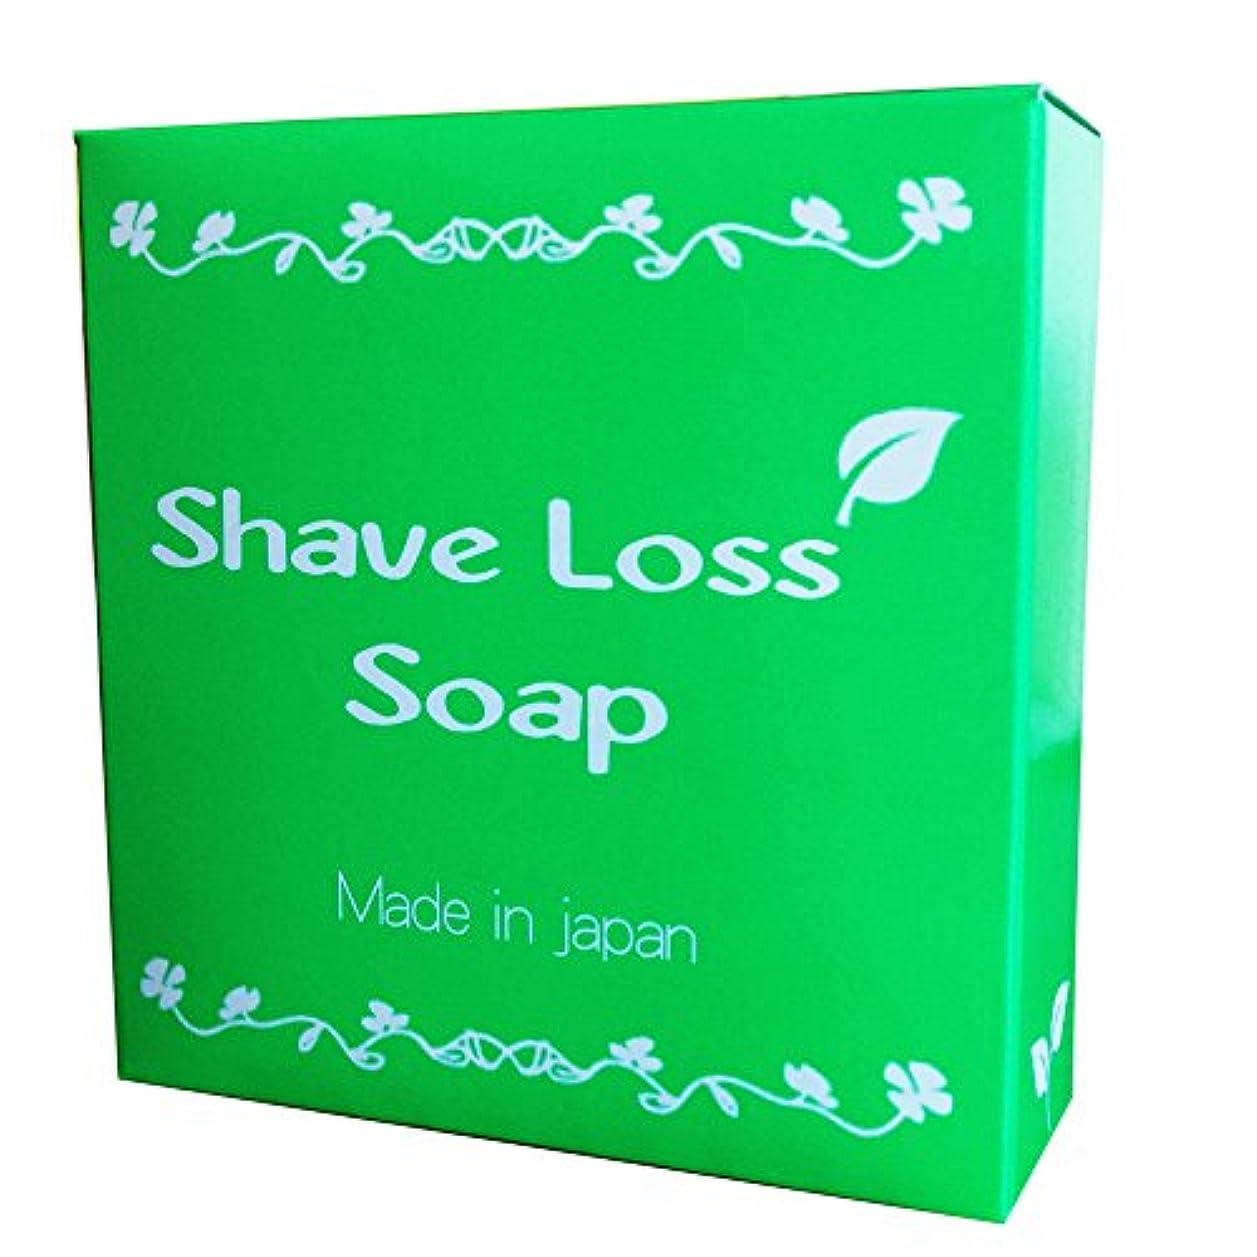 領収書コインランドリー混乱したShave Loss Soap 女性のツルツルを叶える 奇跡の石鹸 80g (1個)